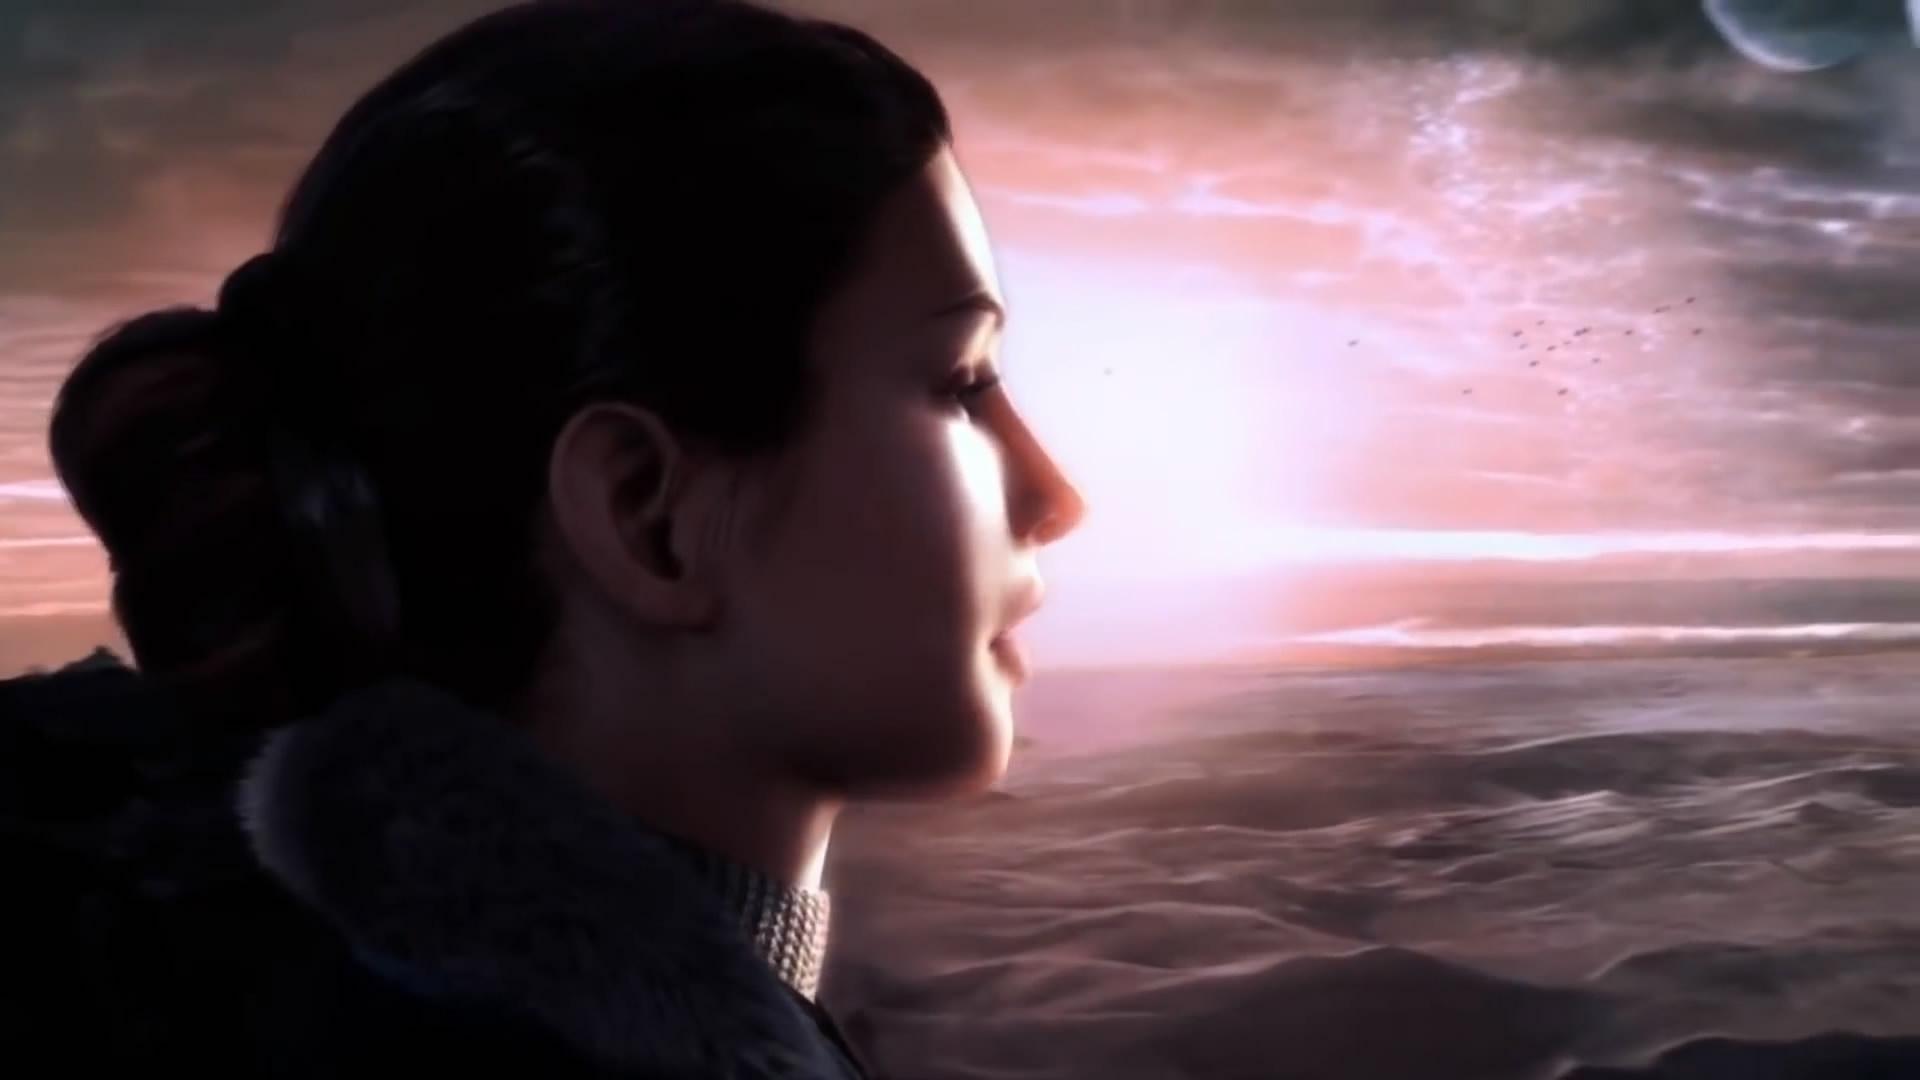 《无主之地》早期视频曝光 真实版完全没有卡通渲染